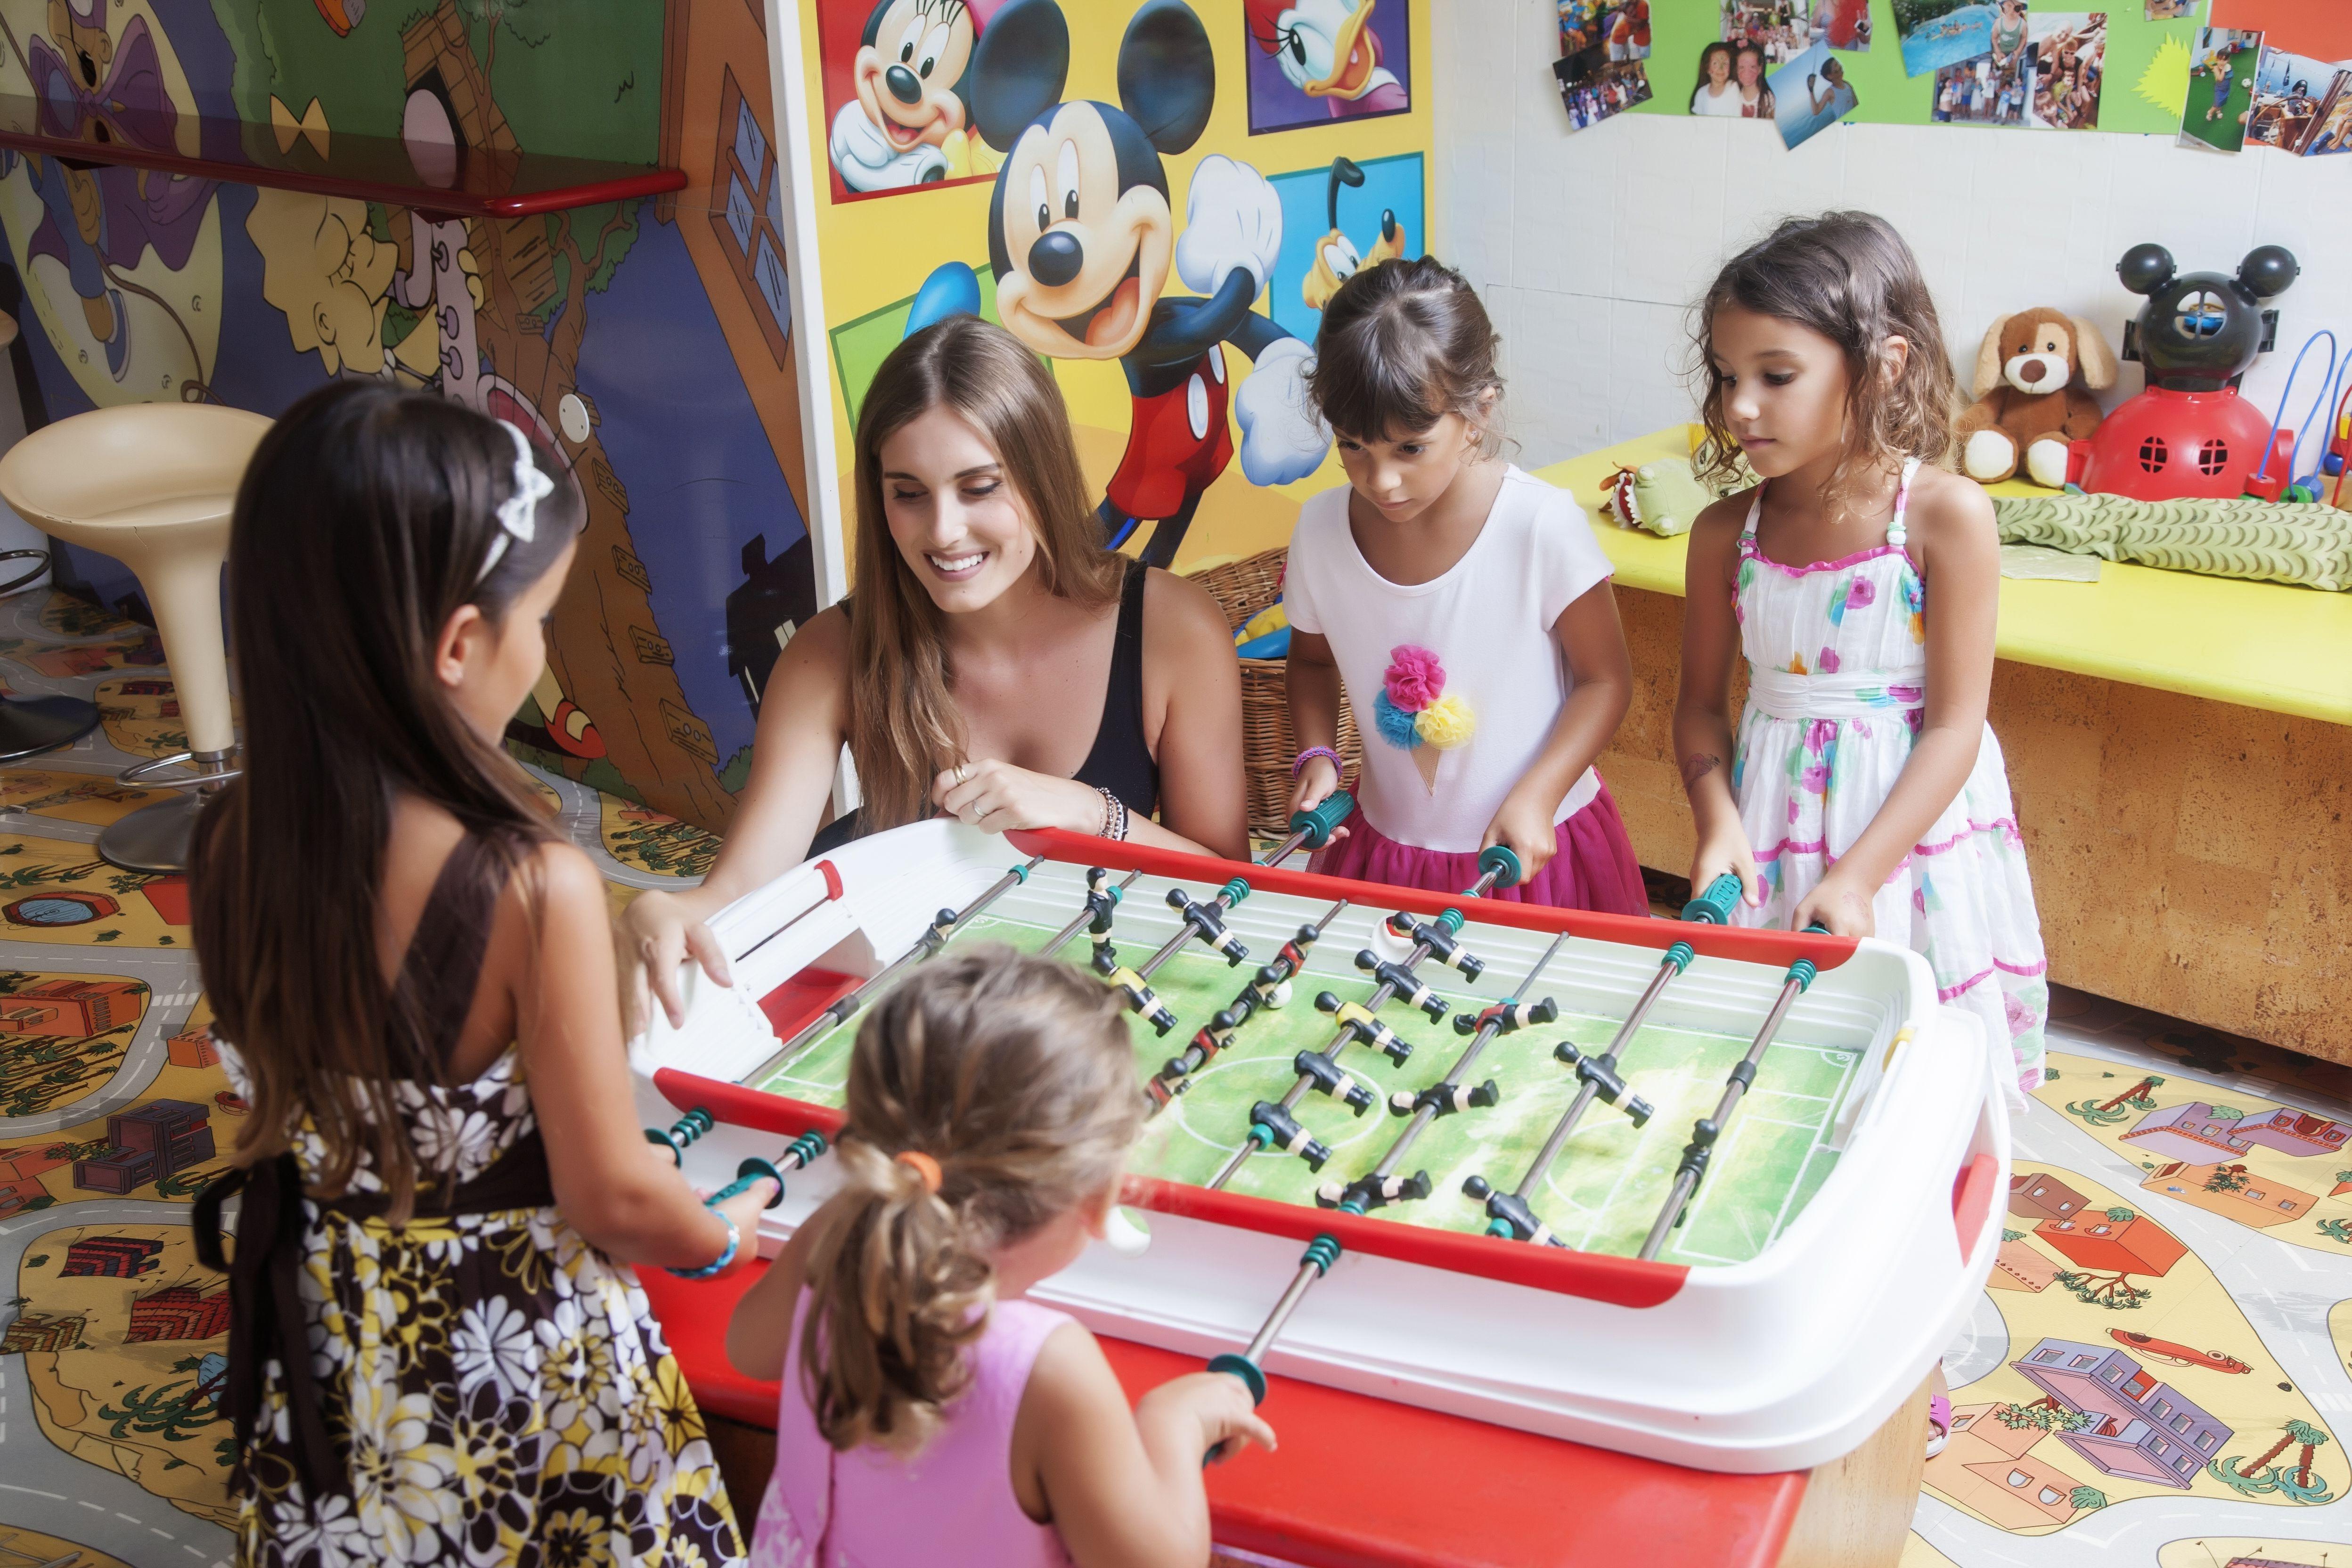 Bambini Simpatici ~ Hotel dory ha riservato u201cil paradiso dei bambiniu201d sorvegliato da